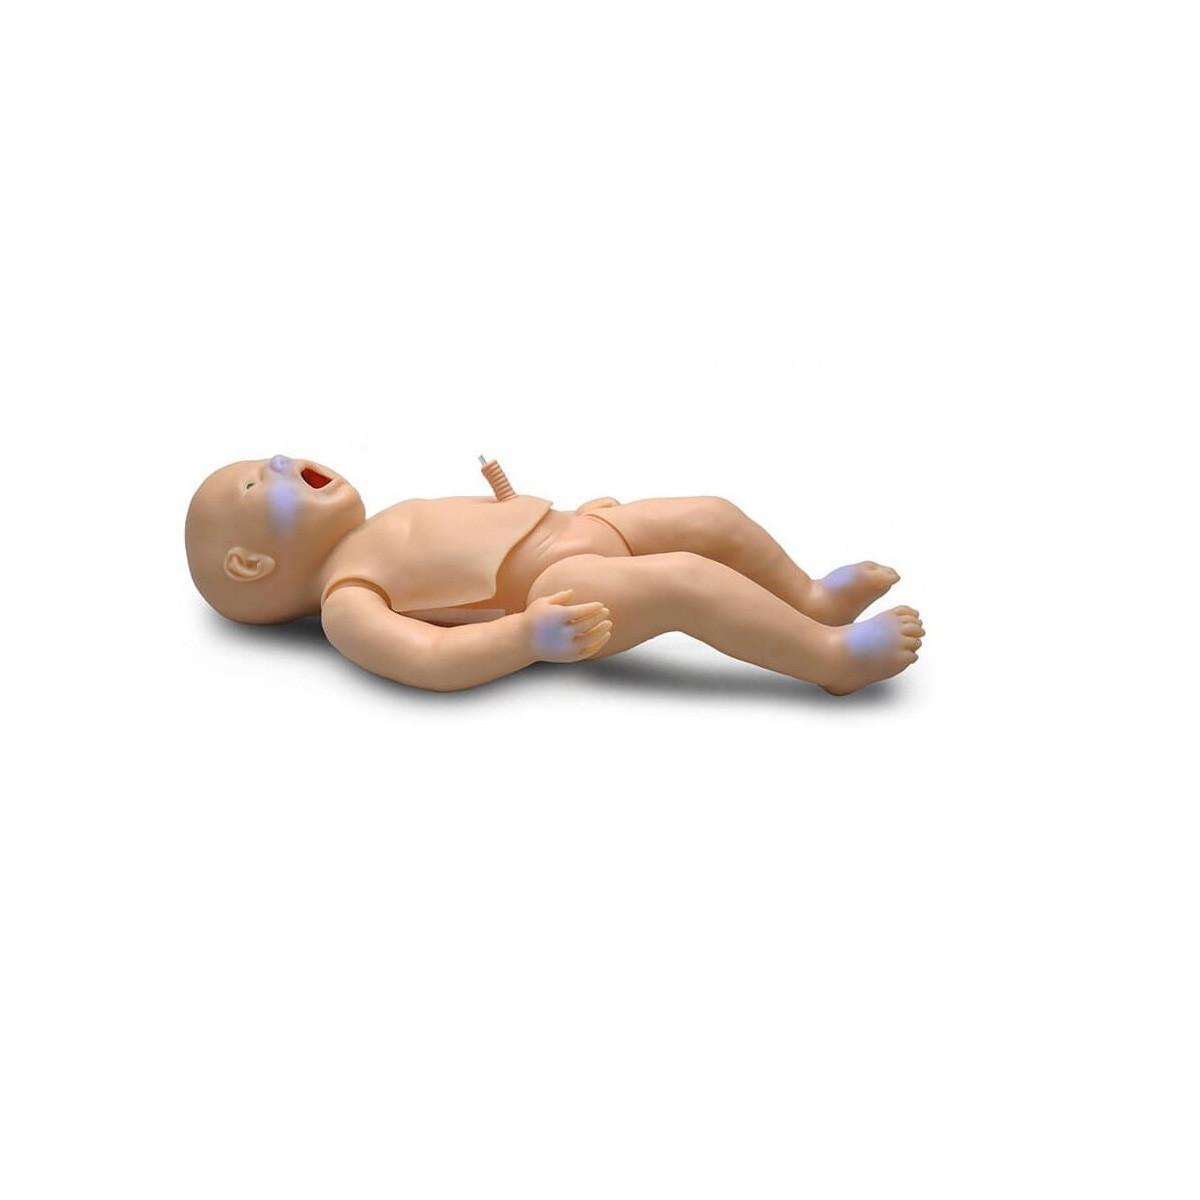 PEDI® Blue Neugeborenensimulator mit SmartSkin™-Technologie